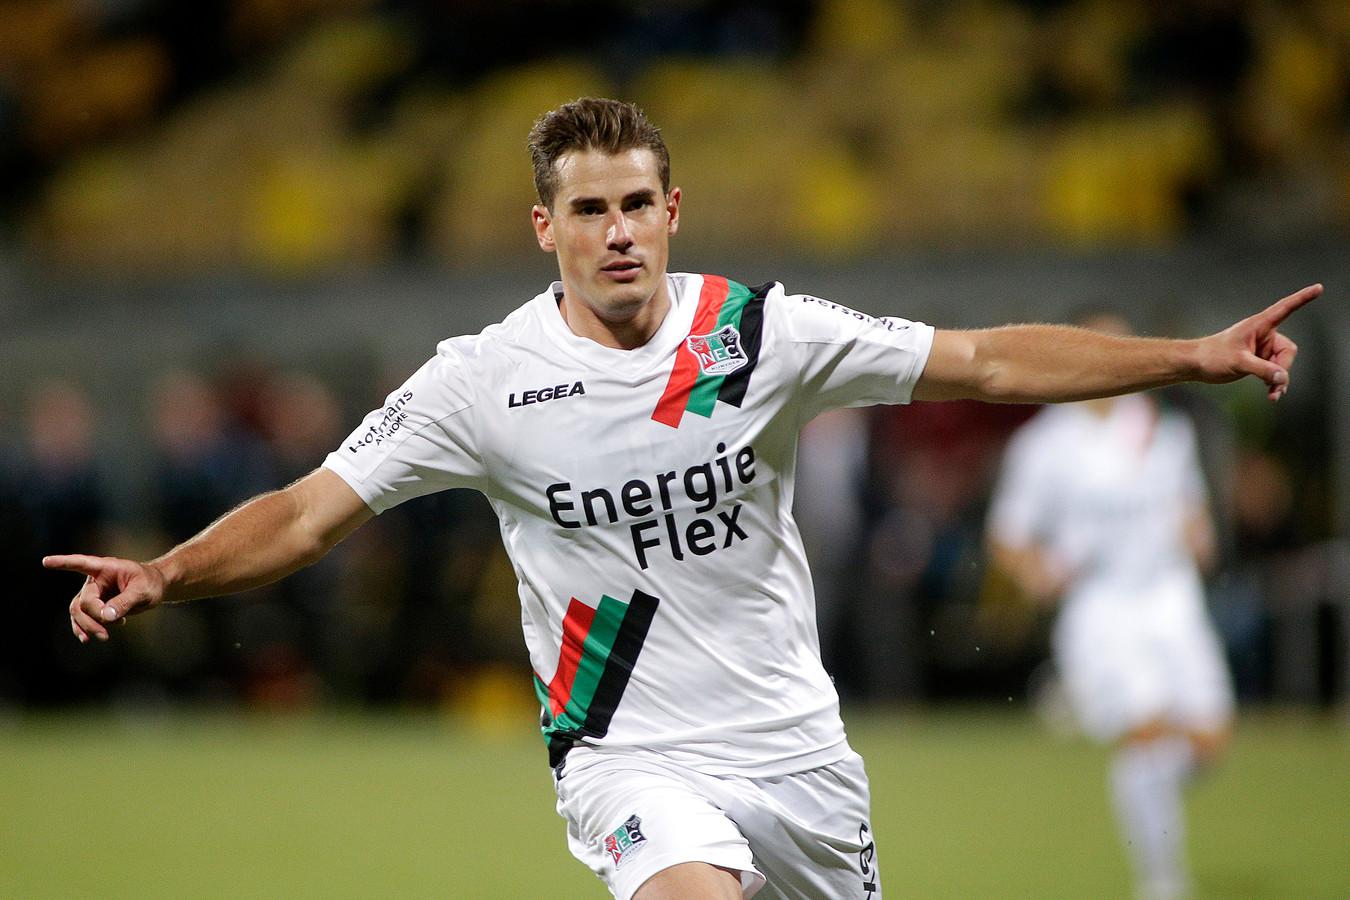 NEC'er Sven Braken juicht na zijn doelpunt tegen Roda JC.